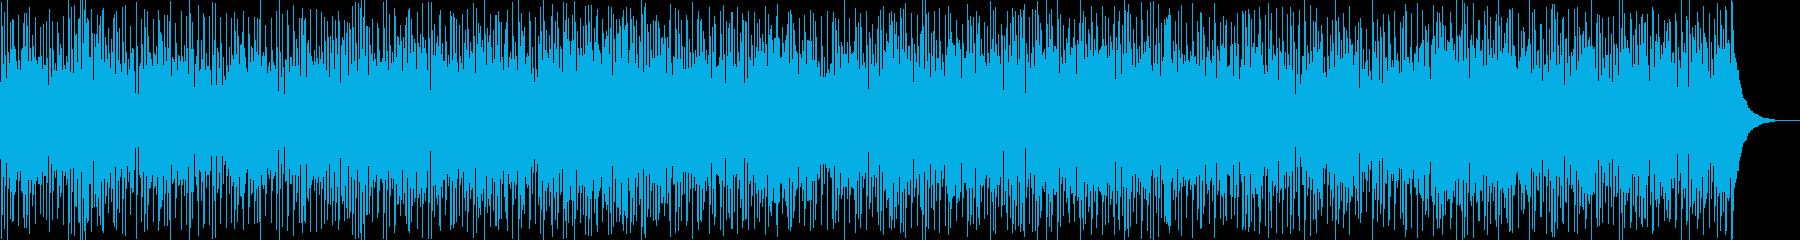 退屈な夜を吹き飛ばすようなファンクの再生済みの波形